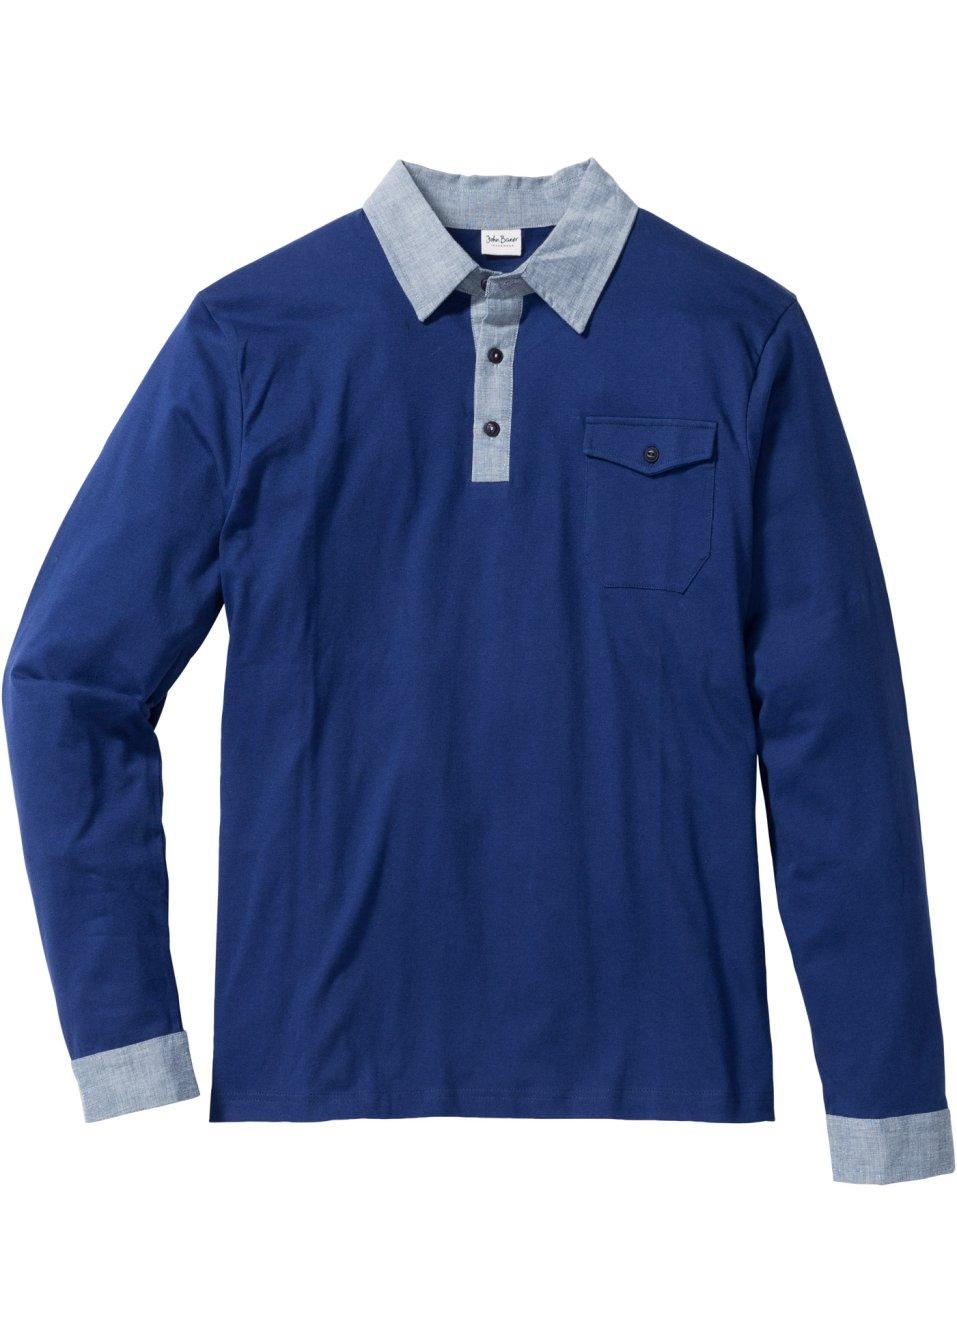 kontraststarkes langarmshirt mit polo kragen und knopfleiste blau. Black Bedroom Furniture Sets. Home Design Ideas